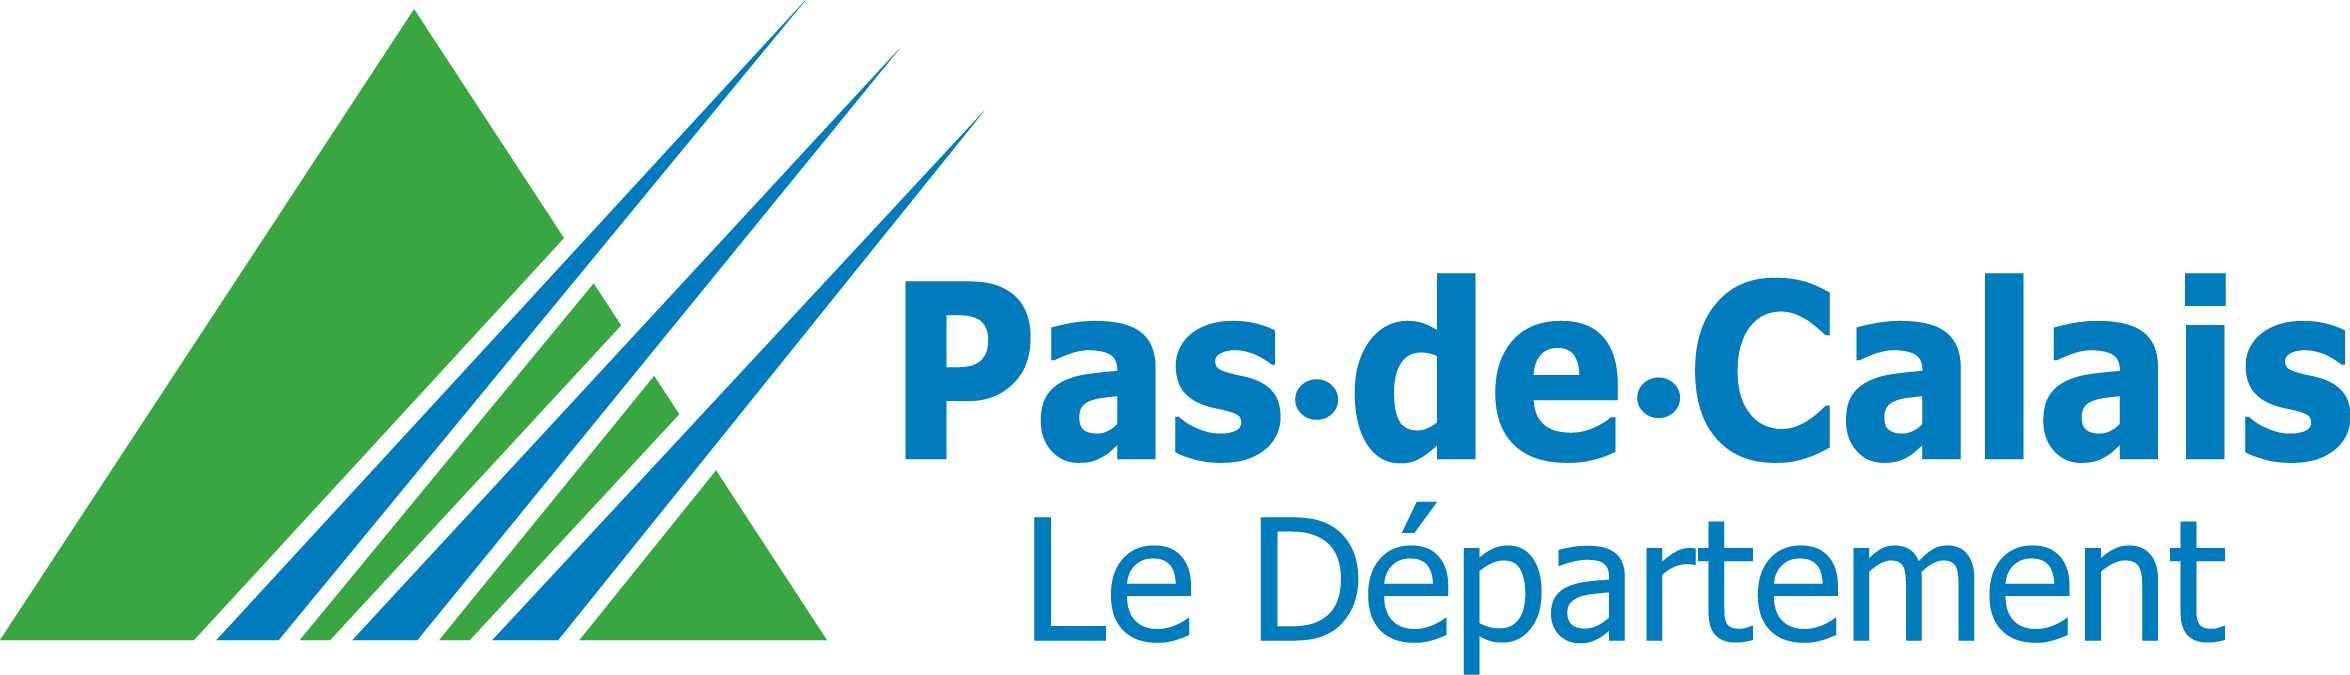 Département du Pas-de-Calais